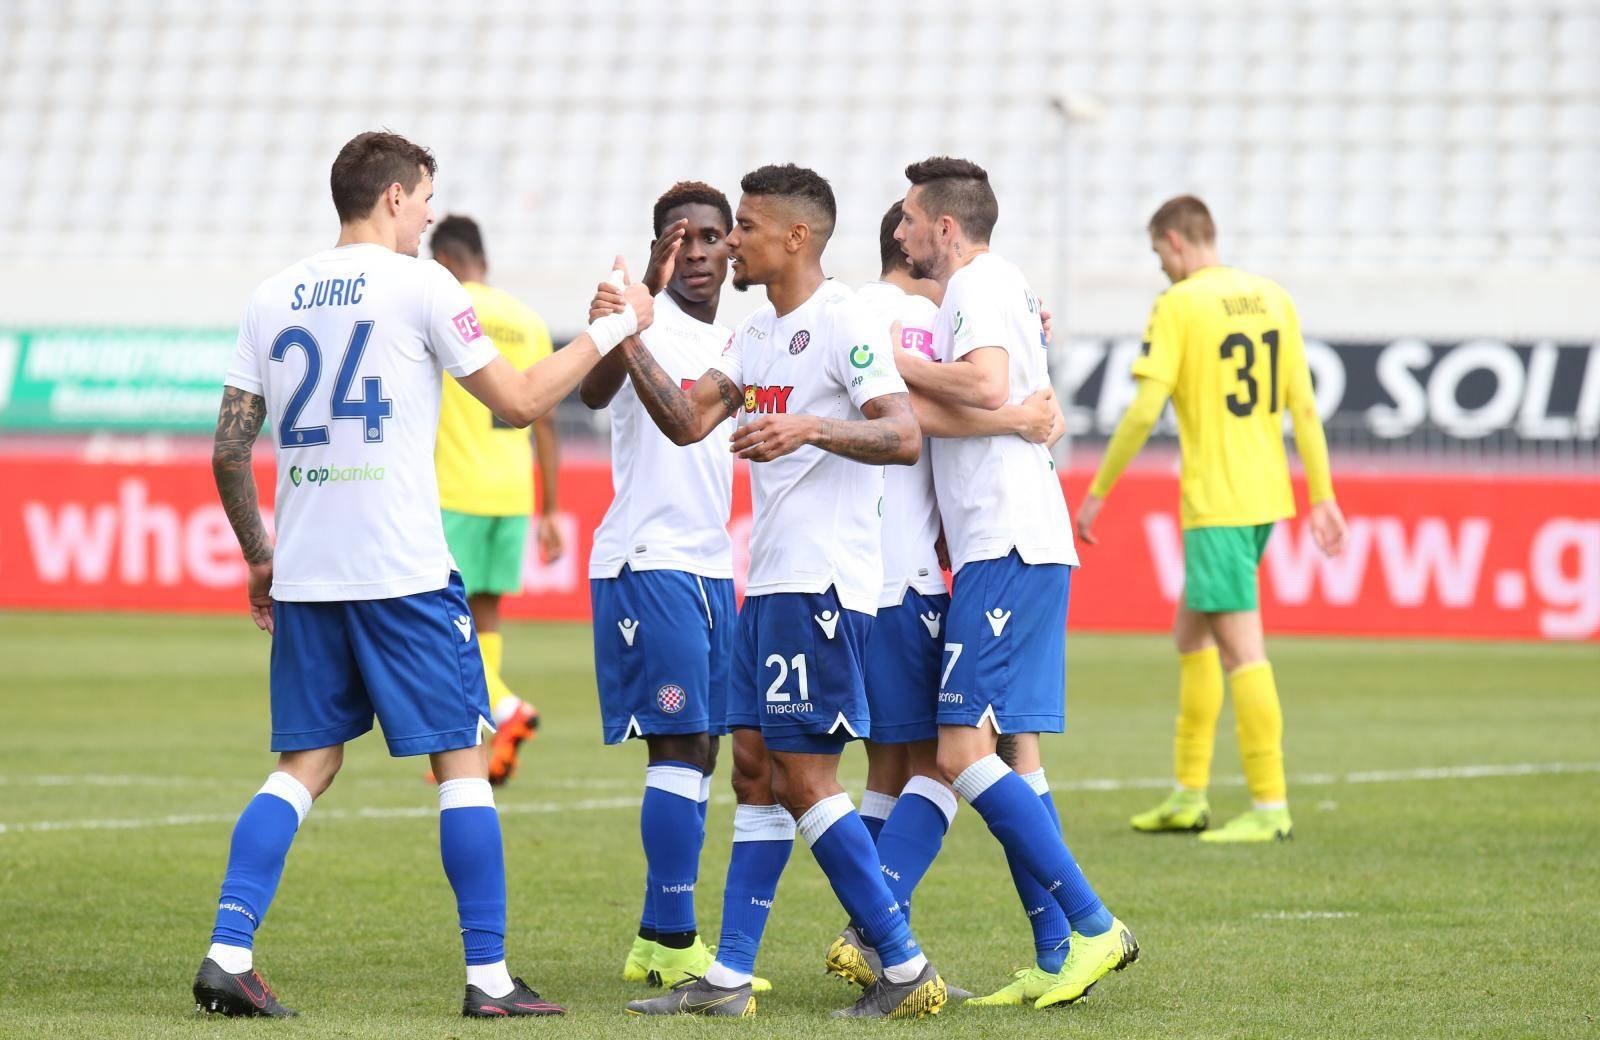 Hajduk putuje na Maltu! Protiv Gzira Uniteda traži 2. pretkolo